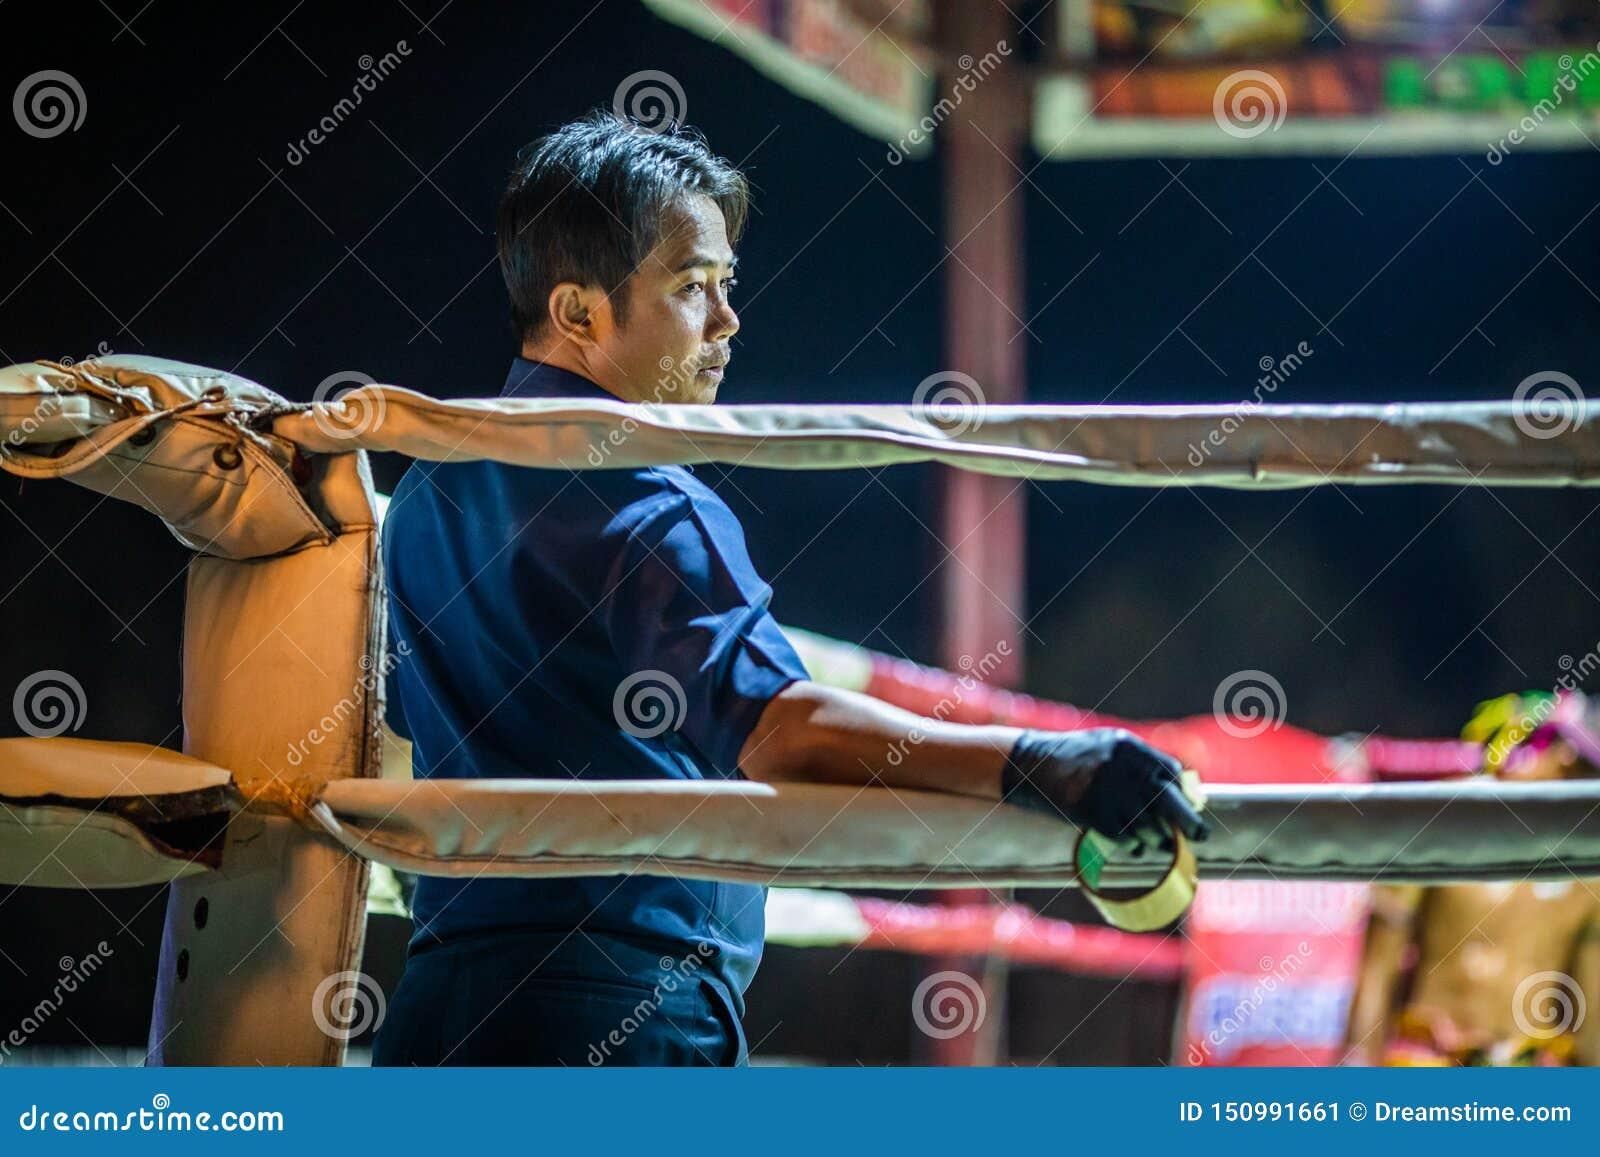 Thai Boxers Festival in thailand